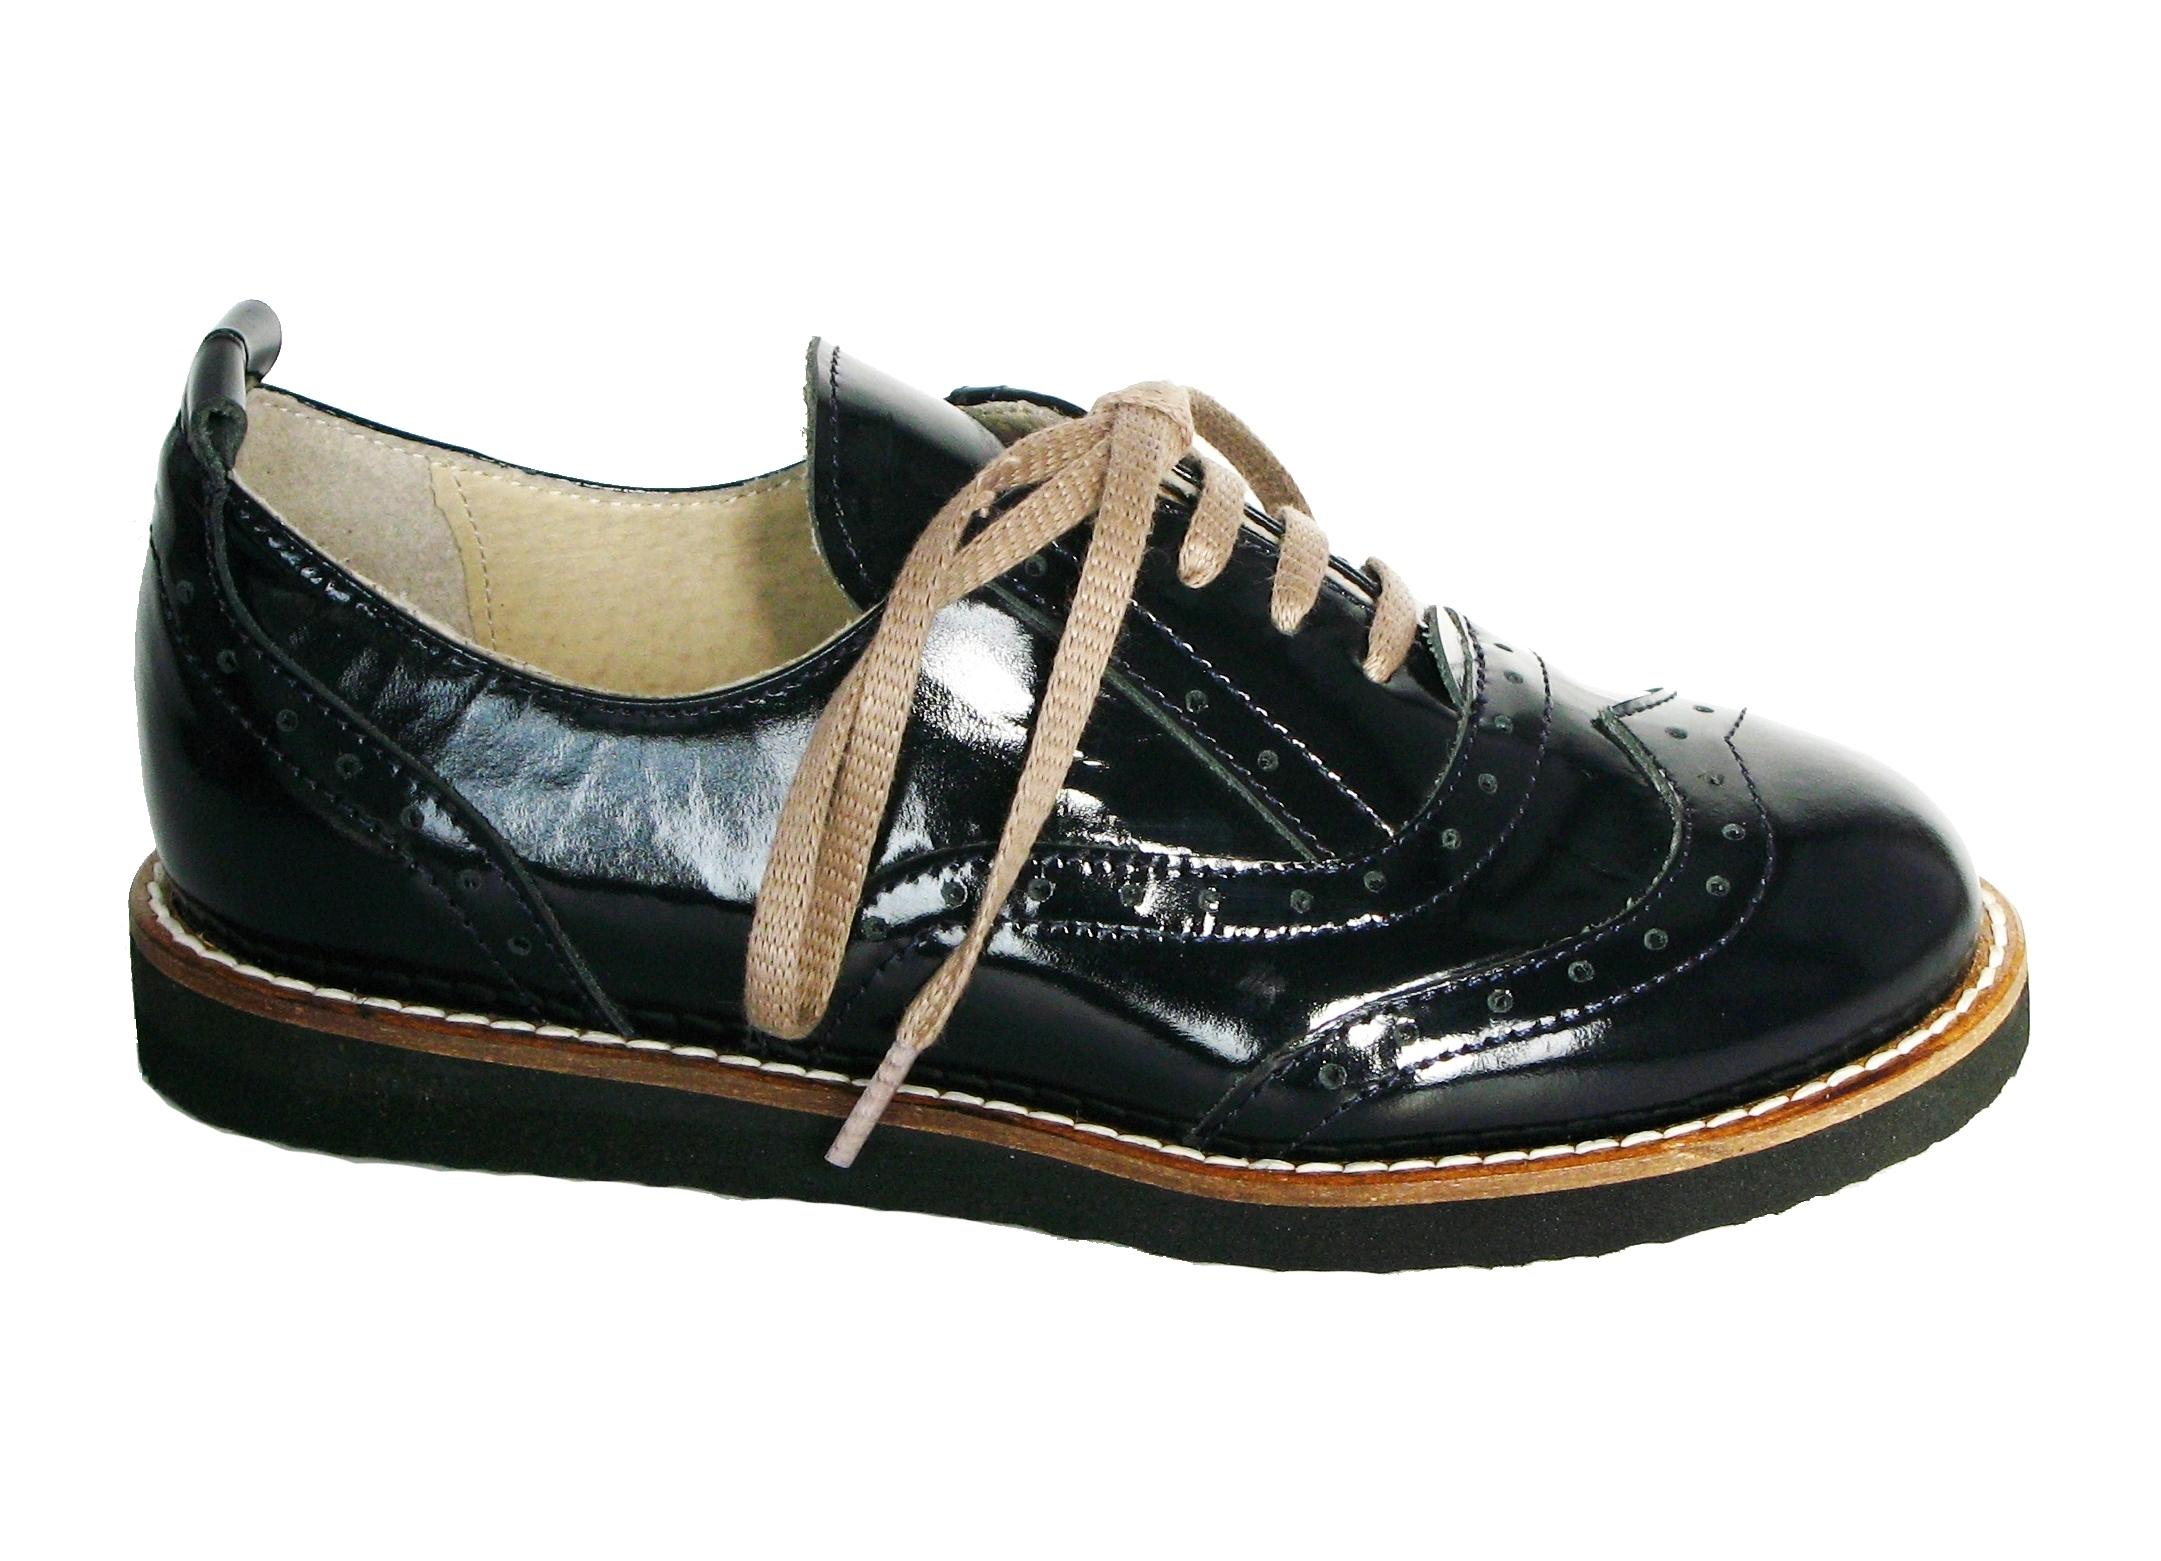 93dc1303dfb4bd Черевики Giorgio Vito купити в Луцьку - Товари - Брендове взуття ...